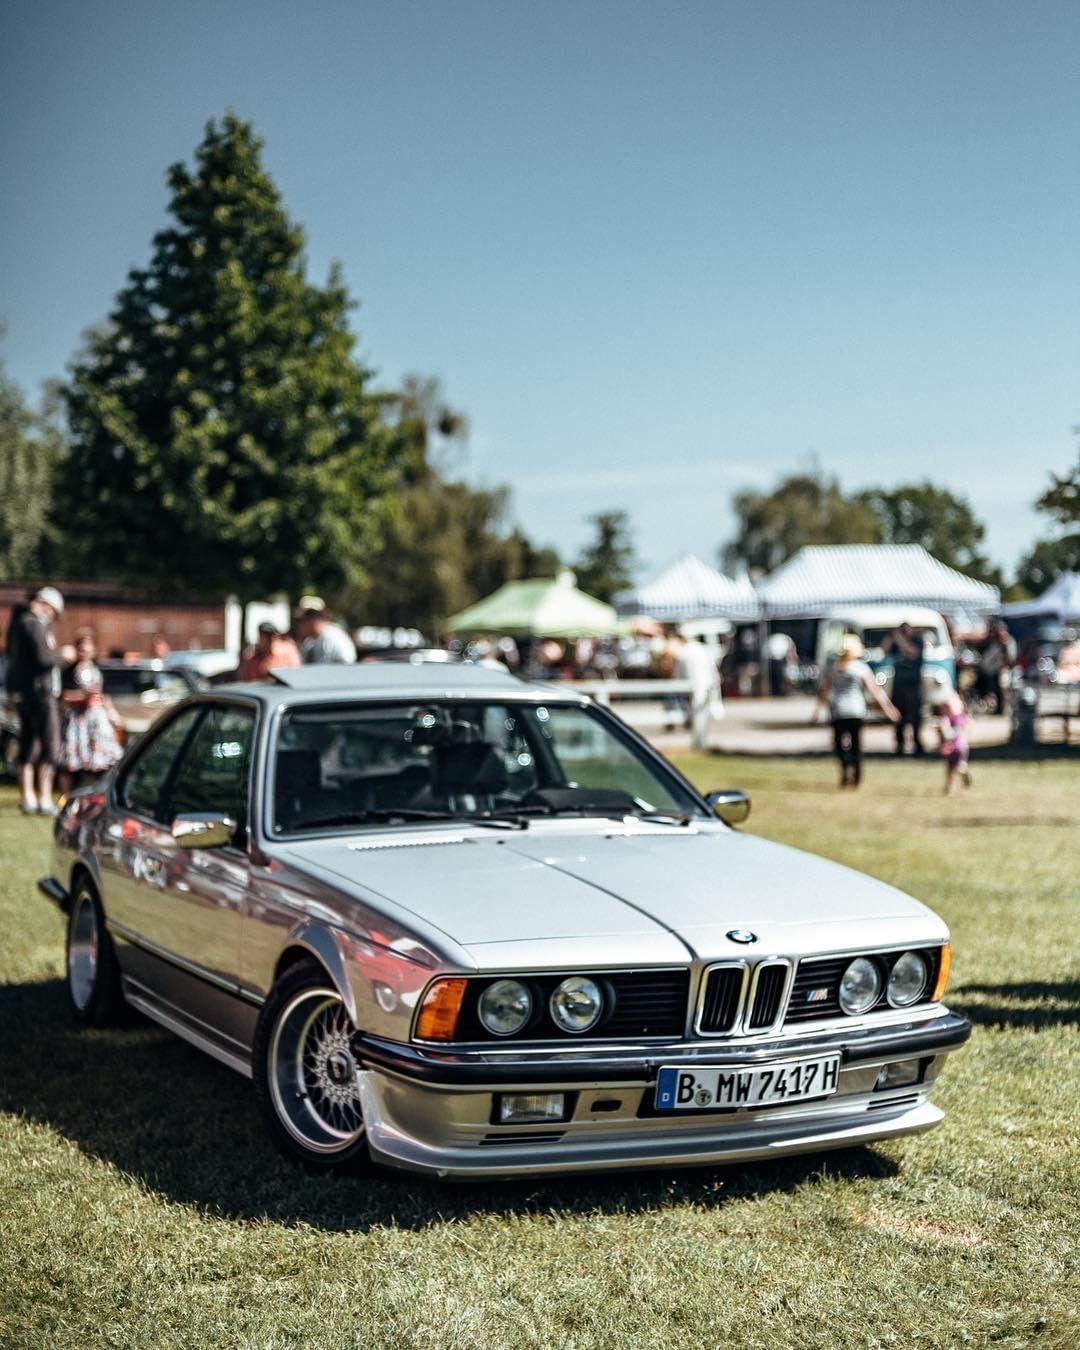 BMW E24 6 series silver   Bmw e24, Bmw 6 series, Bmw